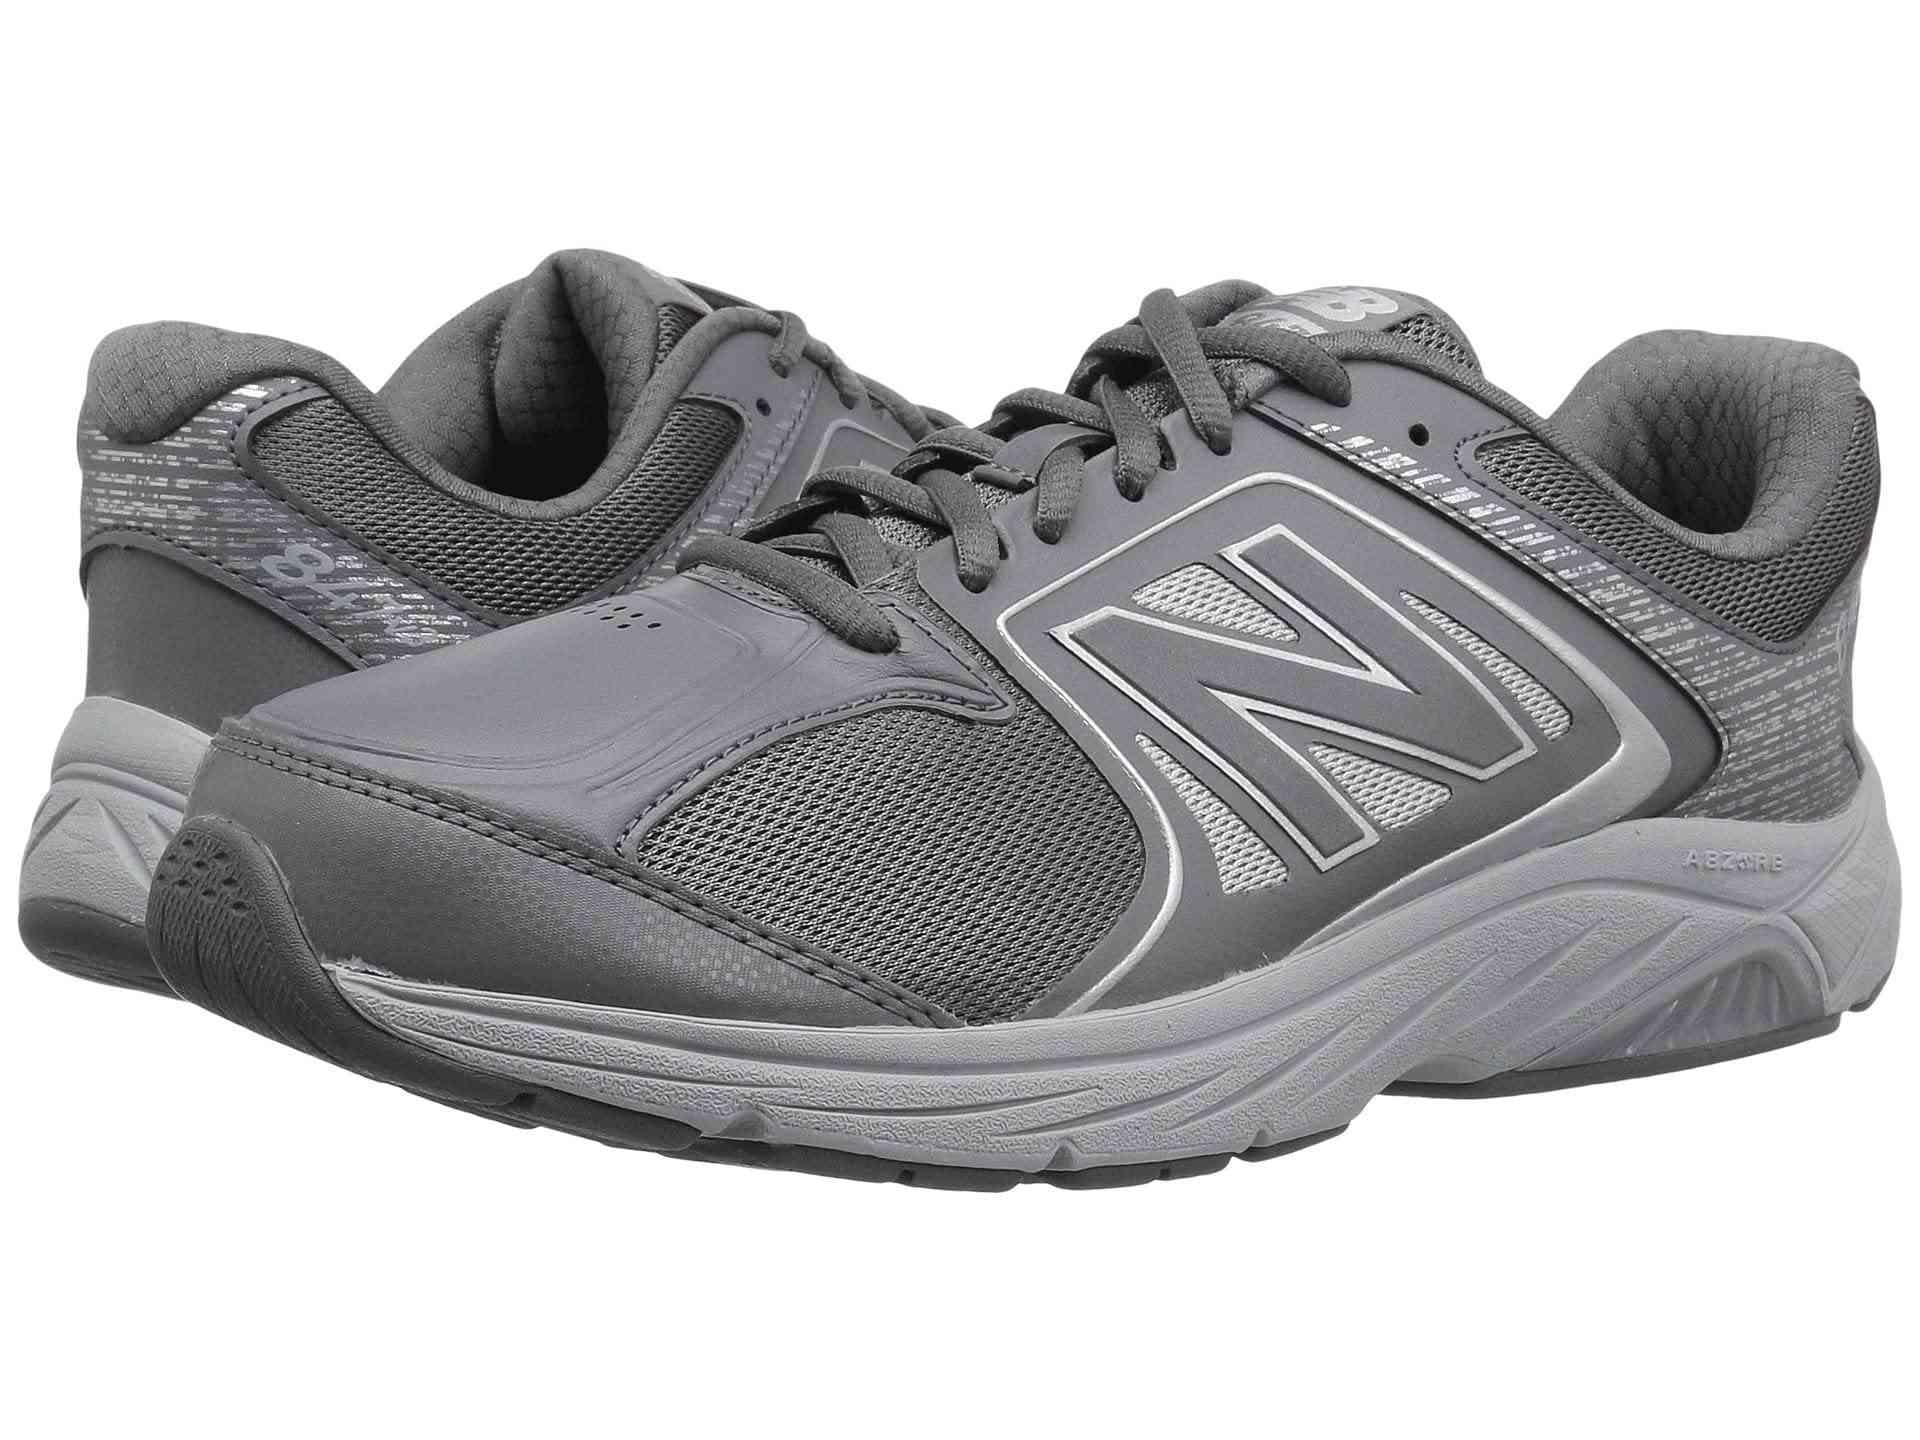 New Balance Women's 847 Walking Shoes